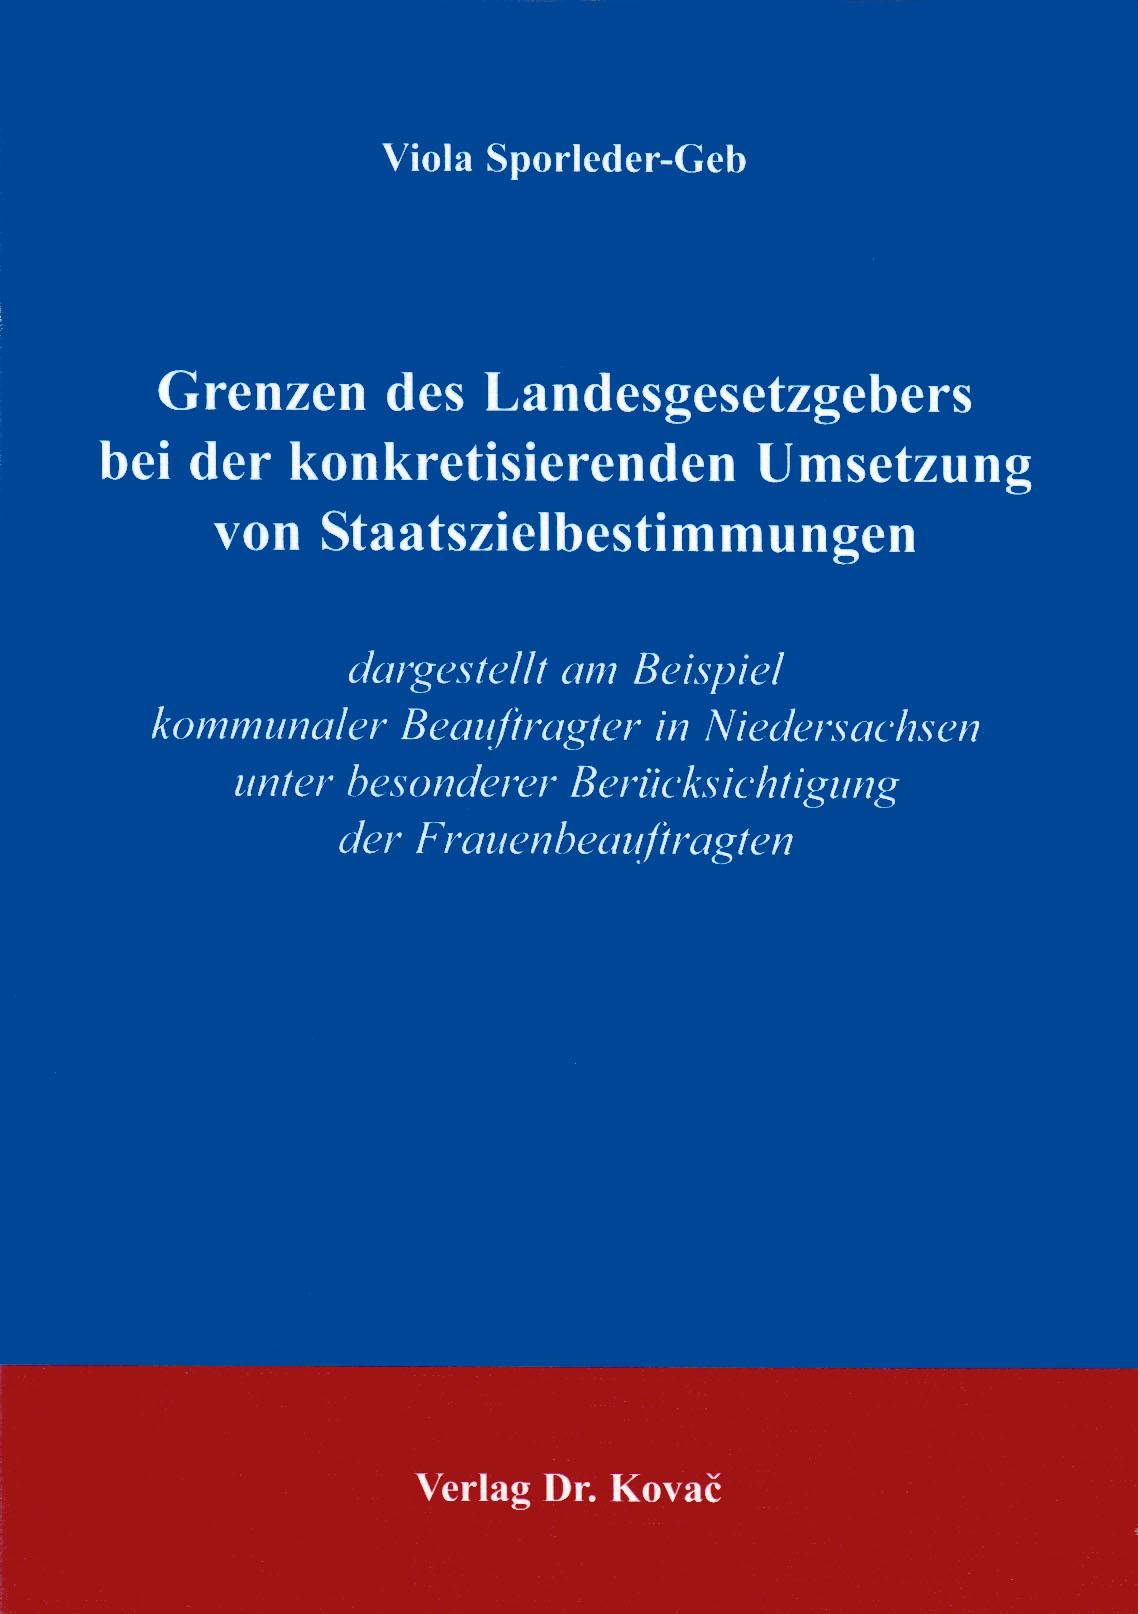 Cover: Grenzen des Landesgesetzgebers bei der konkretisierenden Umsetzung von Staatszielbestimmungen